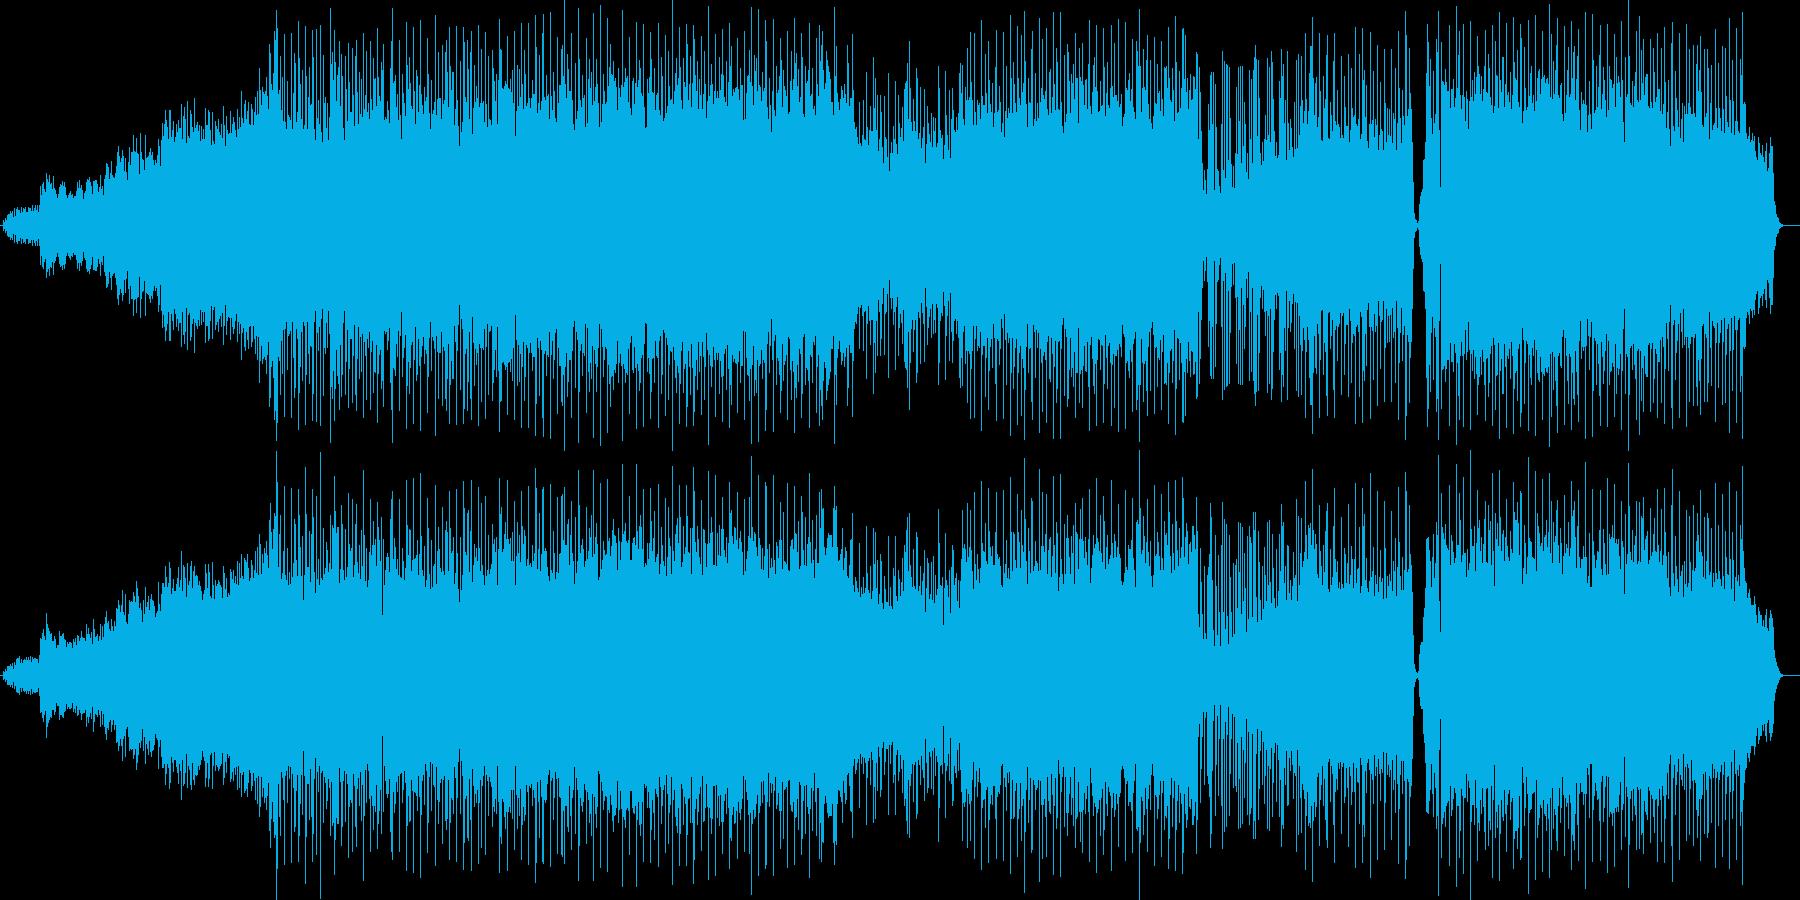 躍動感のあるシンセ・ギターサウンドの再生済みの波形